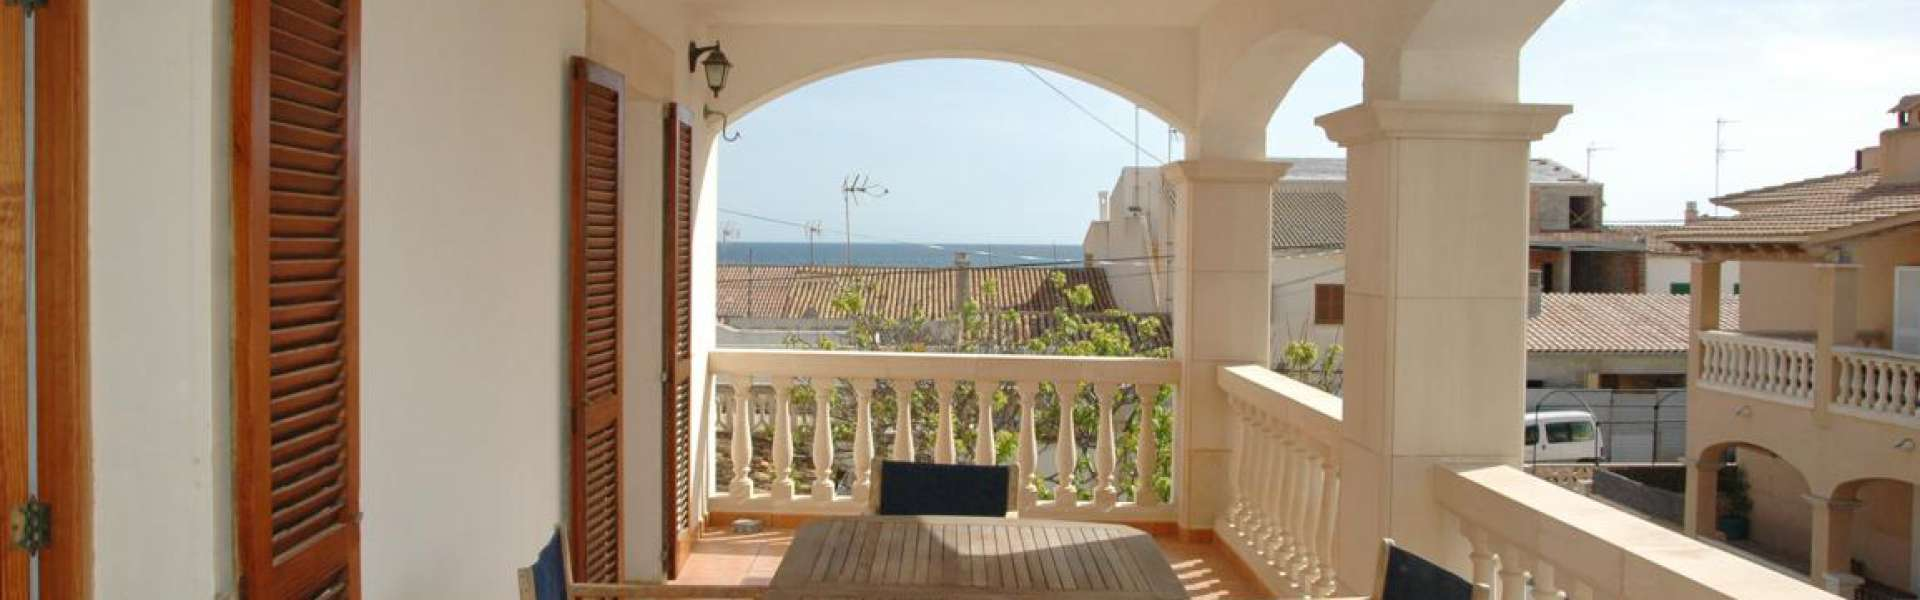 Sa Rapita - Spacious holiday home for sale